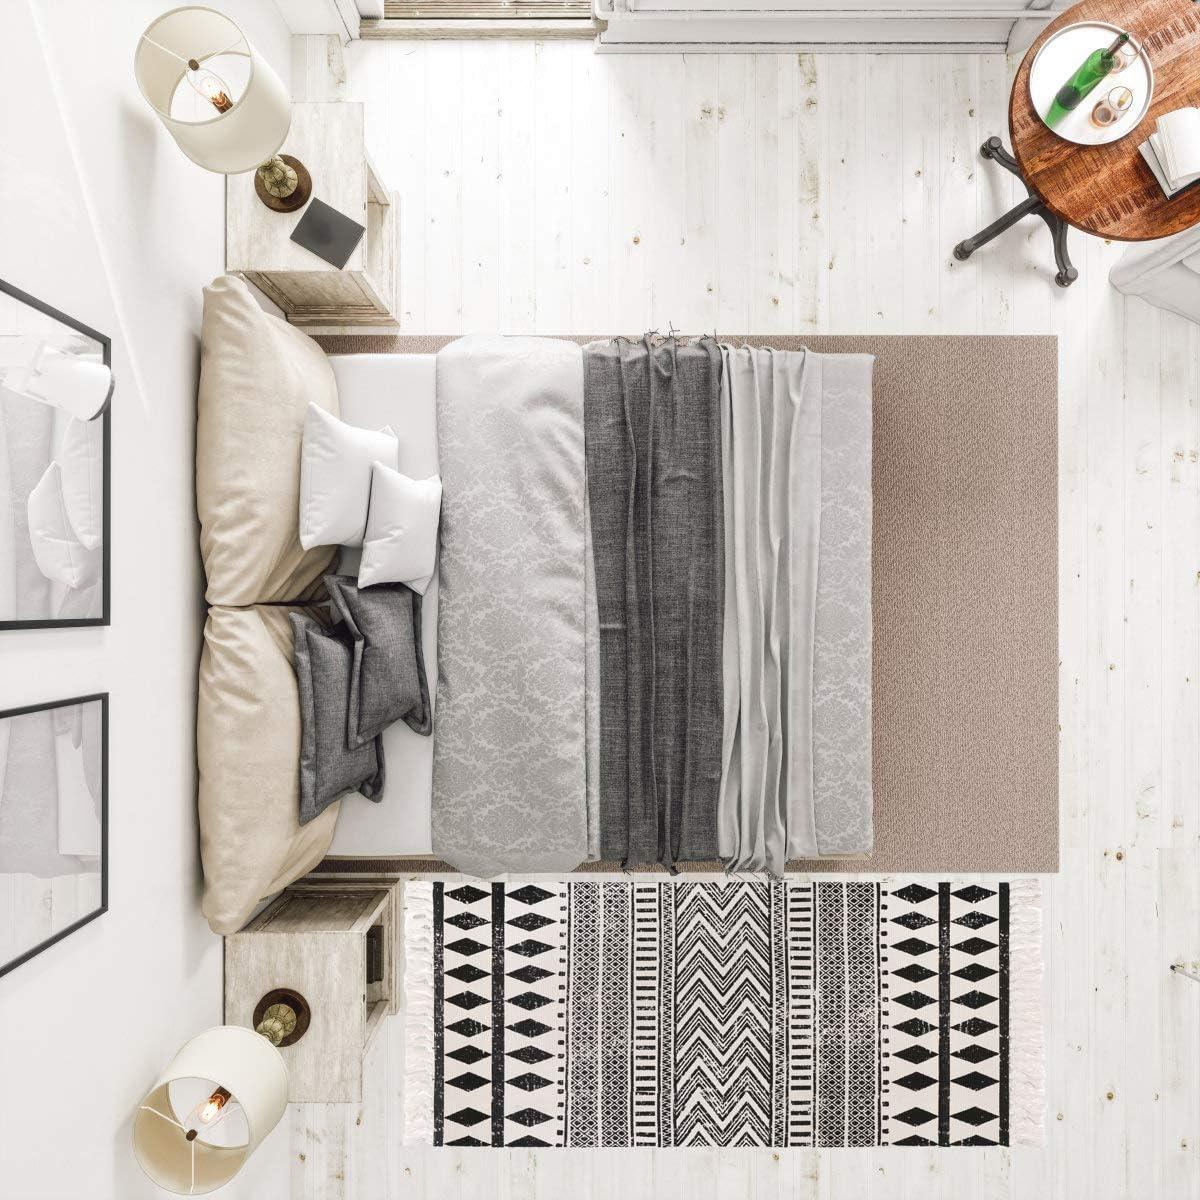 Fu/ßmatte L/äufer f/ür Schlafzimmer Baumwollteppiche mit Quaste Aonewoe Baumwollteppich maschinenwaschbar Wohnzimmer 70 x 180 cm handgewebte Baumwolle Waschk/üche f/ür den Innenbereich